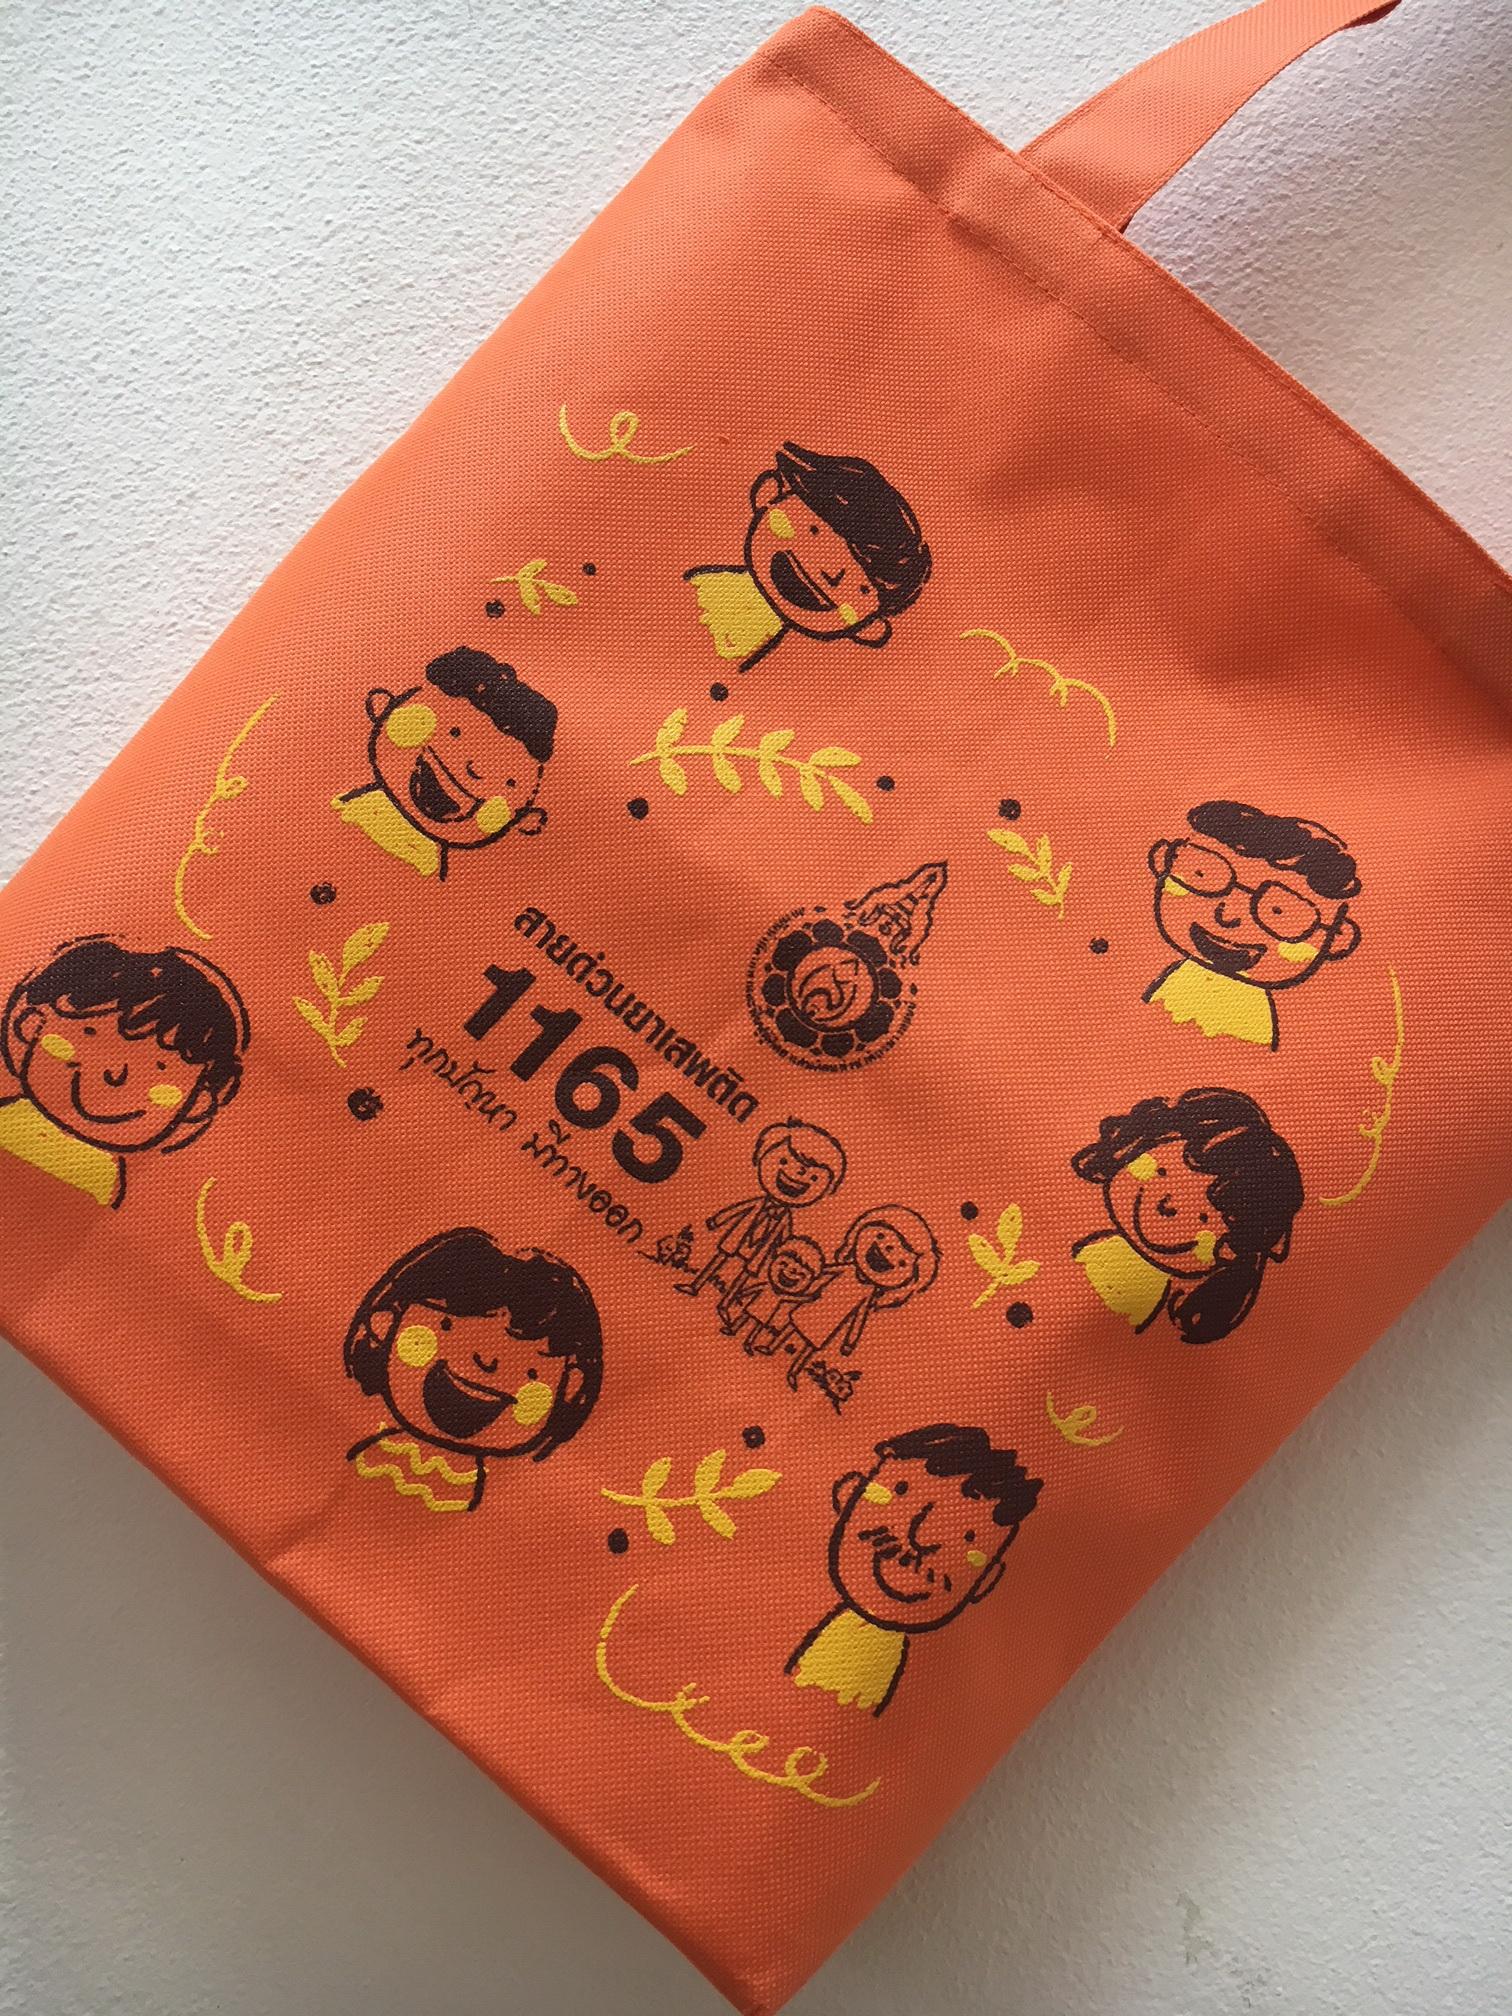 ถุงผ้าดิบ, 600d, กระเป๋าผ้าดิบ, ถุงผ้า, ลดโลกร้อน, สกรีนลายสำเร็จรูป, ขายส่ง, ลายน่ารัก, จาก baginlove.com